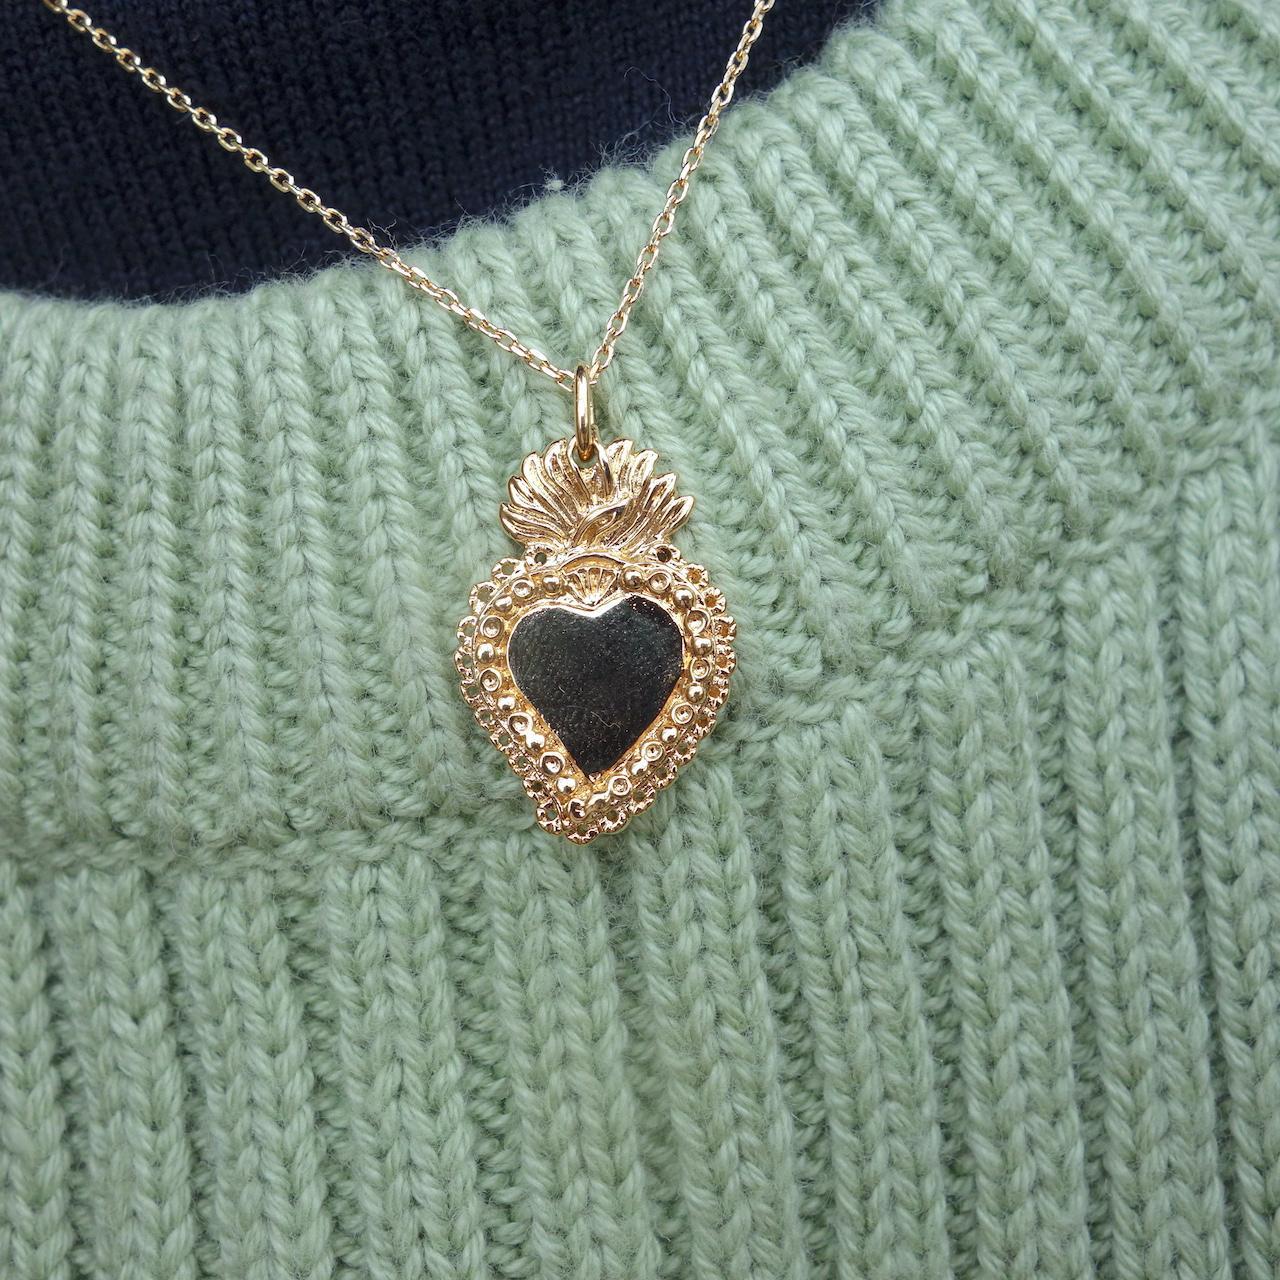 collier-aimee-roulotte-coeur-ex-voto-passion-grigri-talisman-amour-romance-plaque-or-photo-mannequin-gros-plan